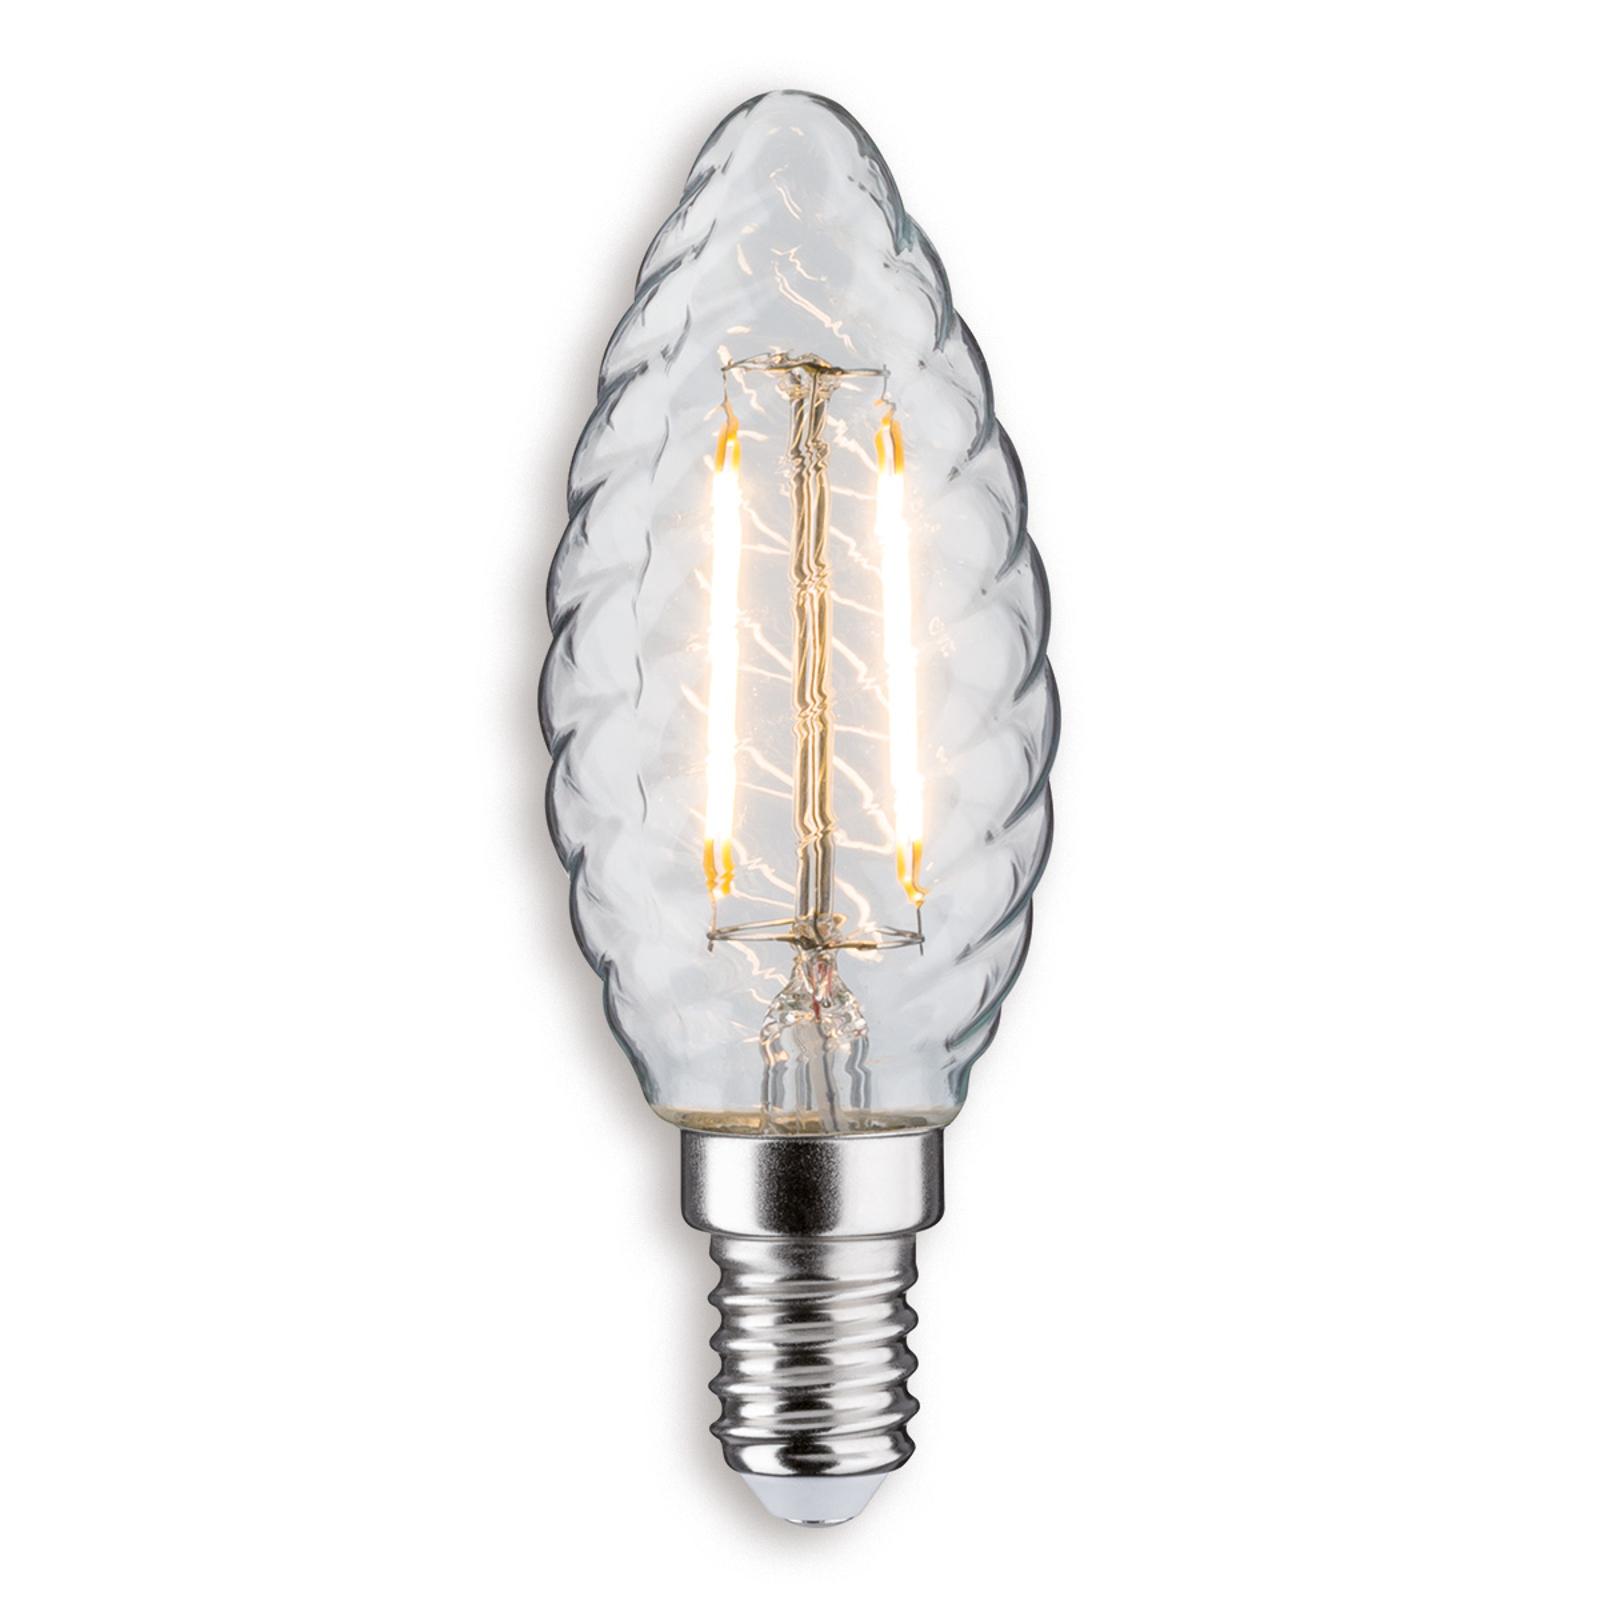 LED lampa med 7 watt Varmt naturligt ljus som motsvarar 40W